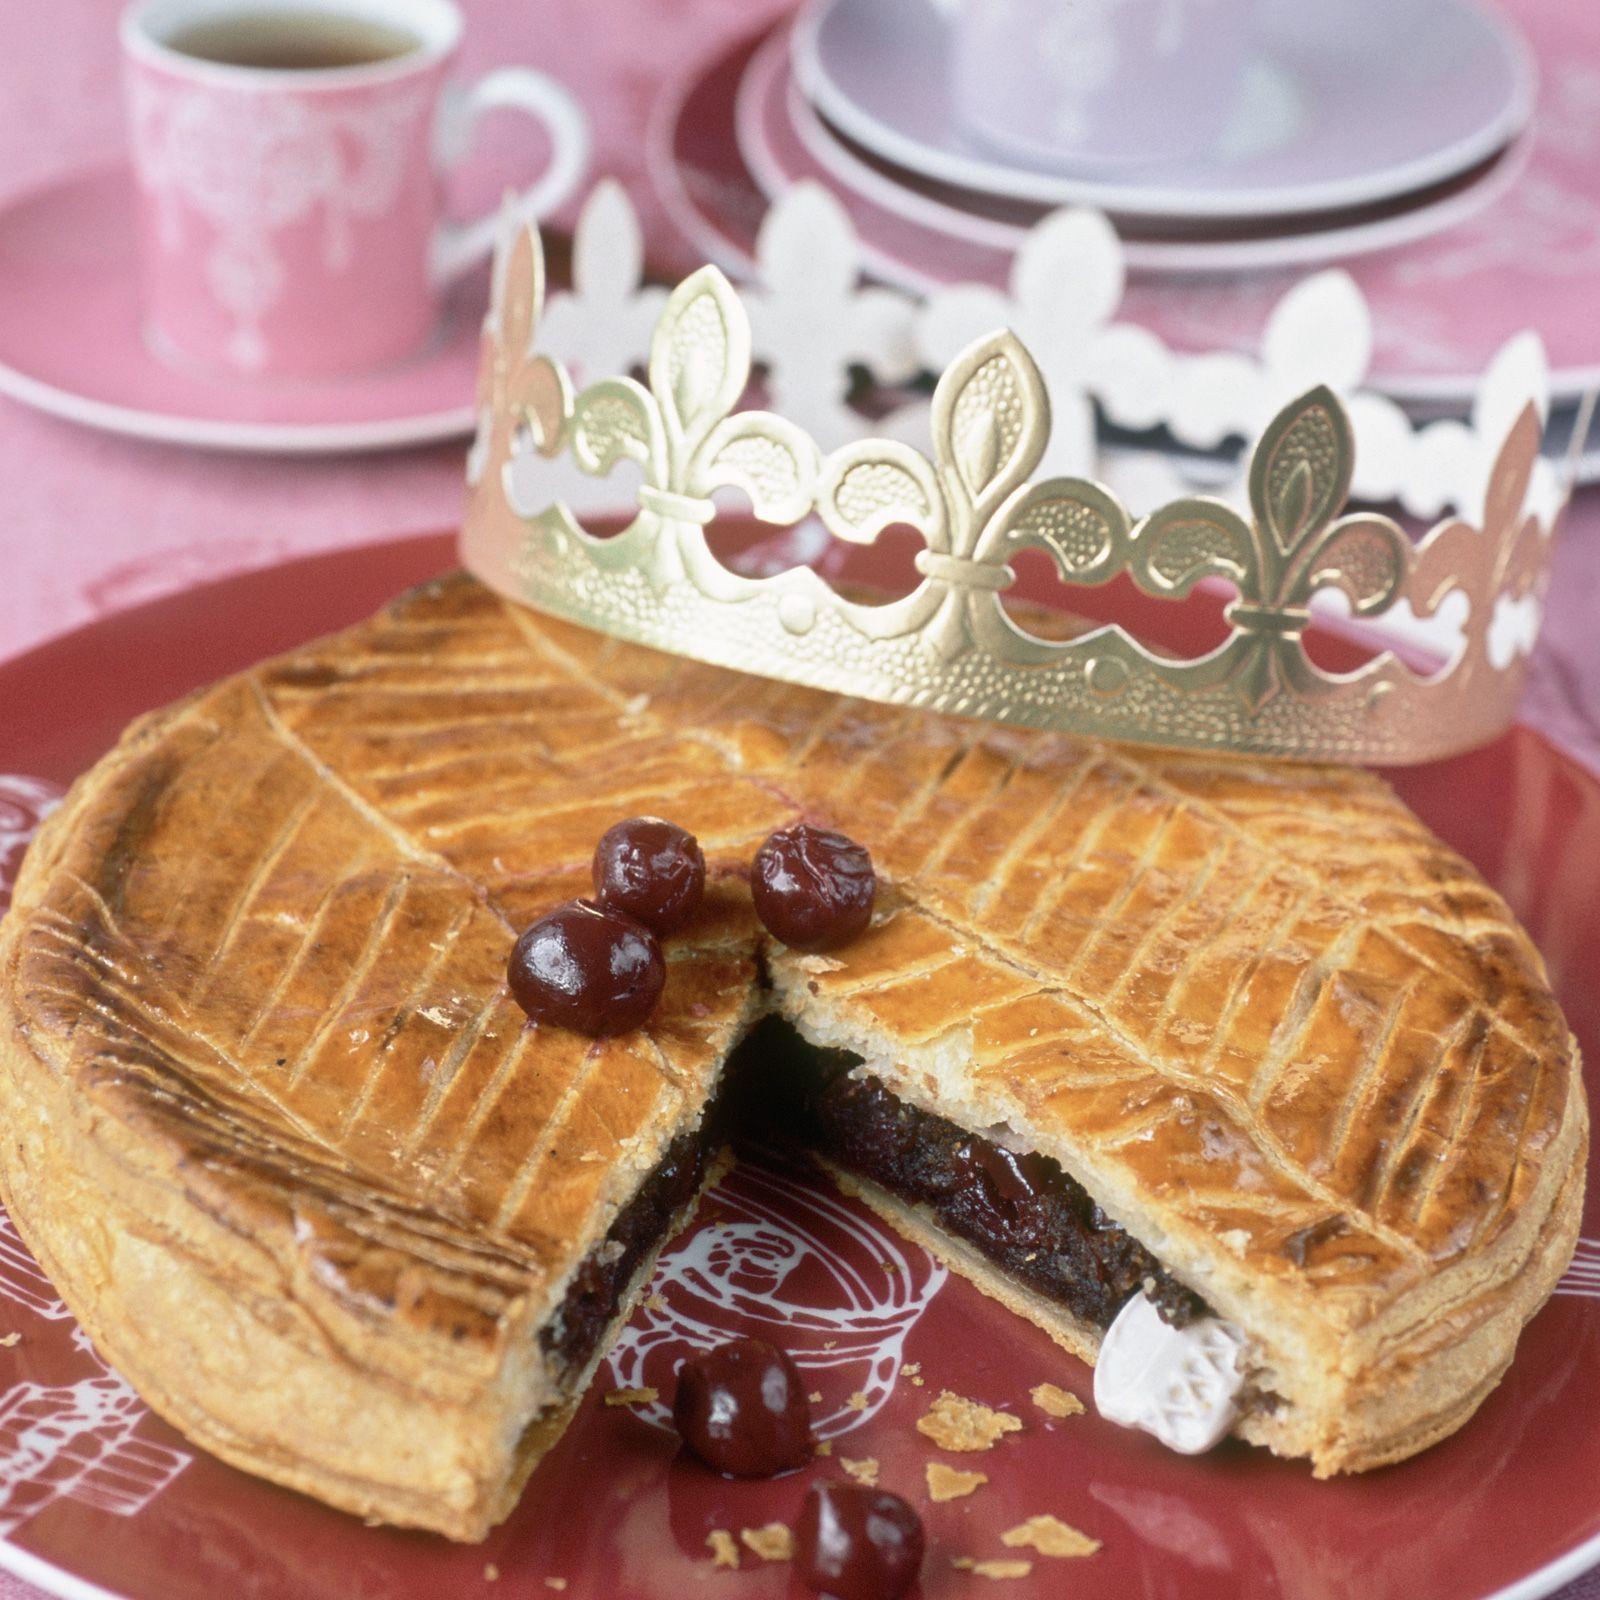 Découvrez la recette Galette au chocolat et aux cerises sur cuisineactuelle.fr.